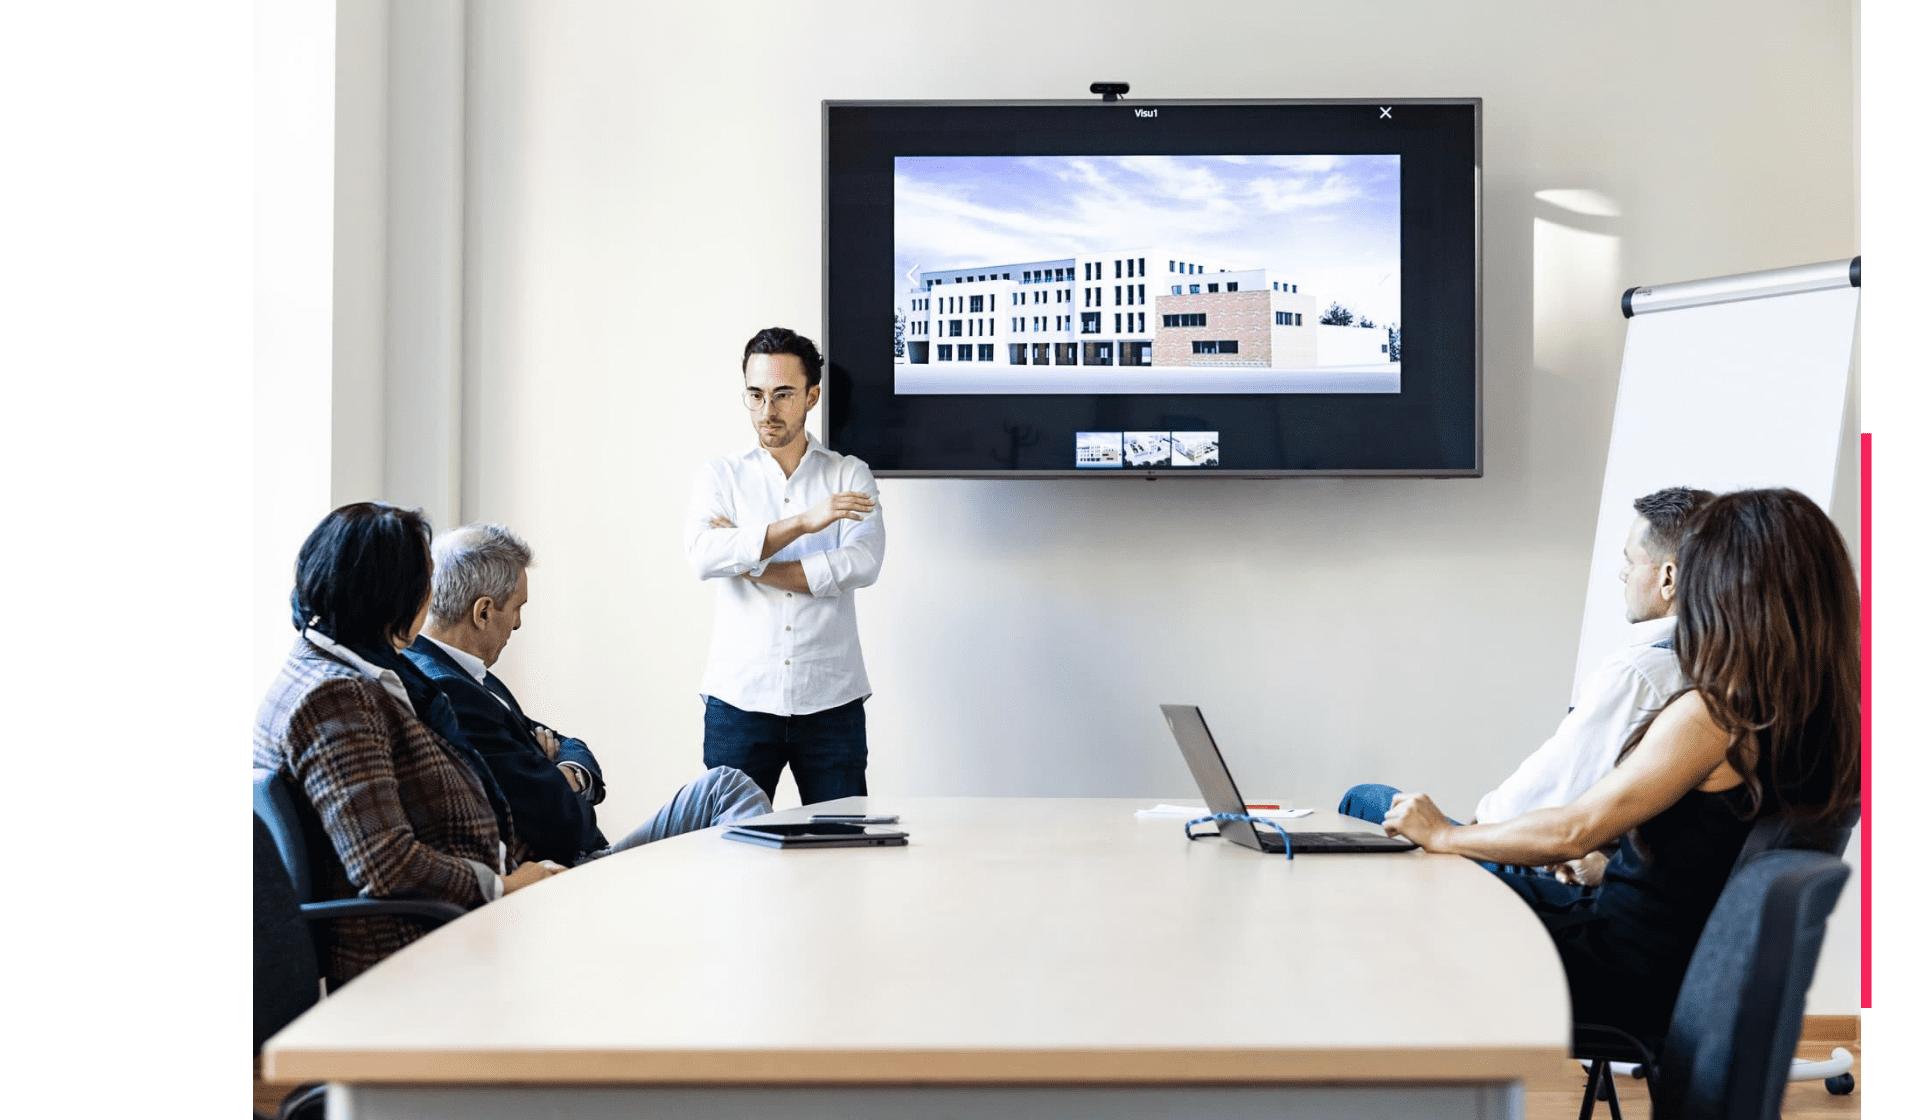 Das Team von Wöber Immobilien präsentiert eine Neubauimmobilie in einem Meeting Raum.